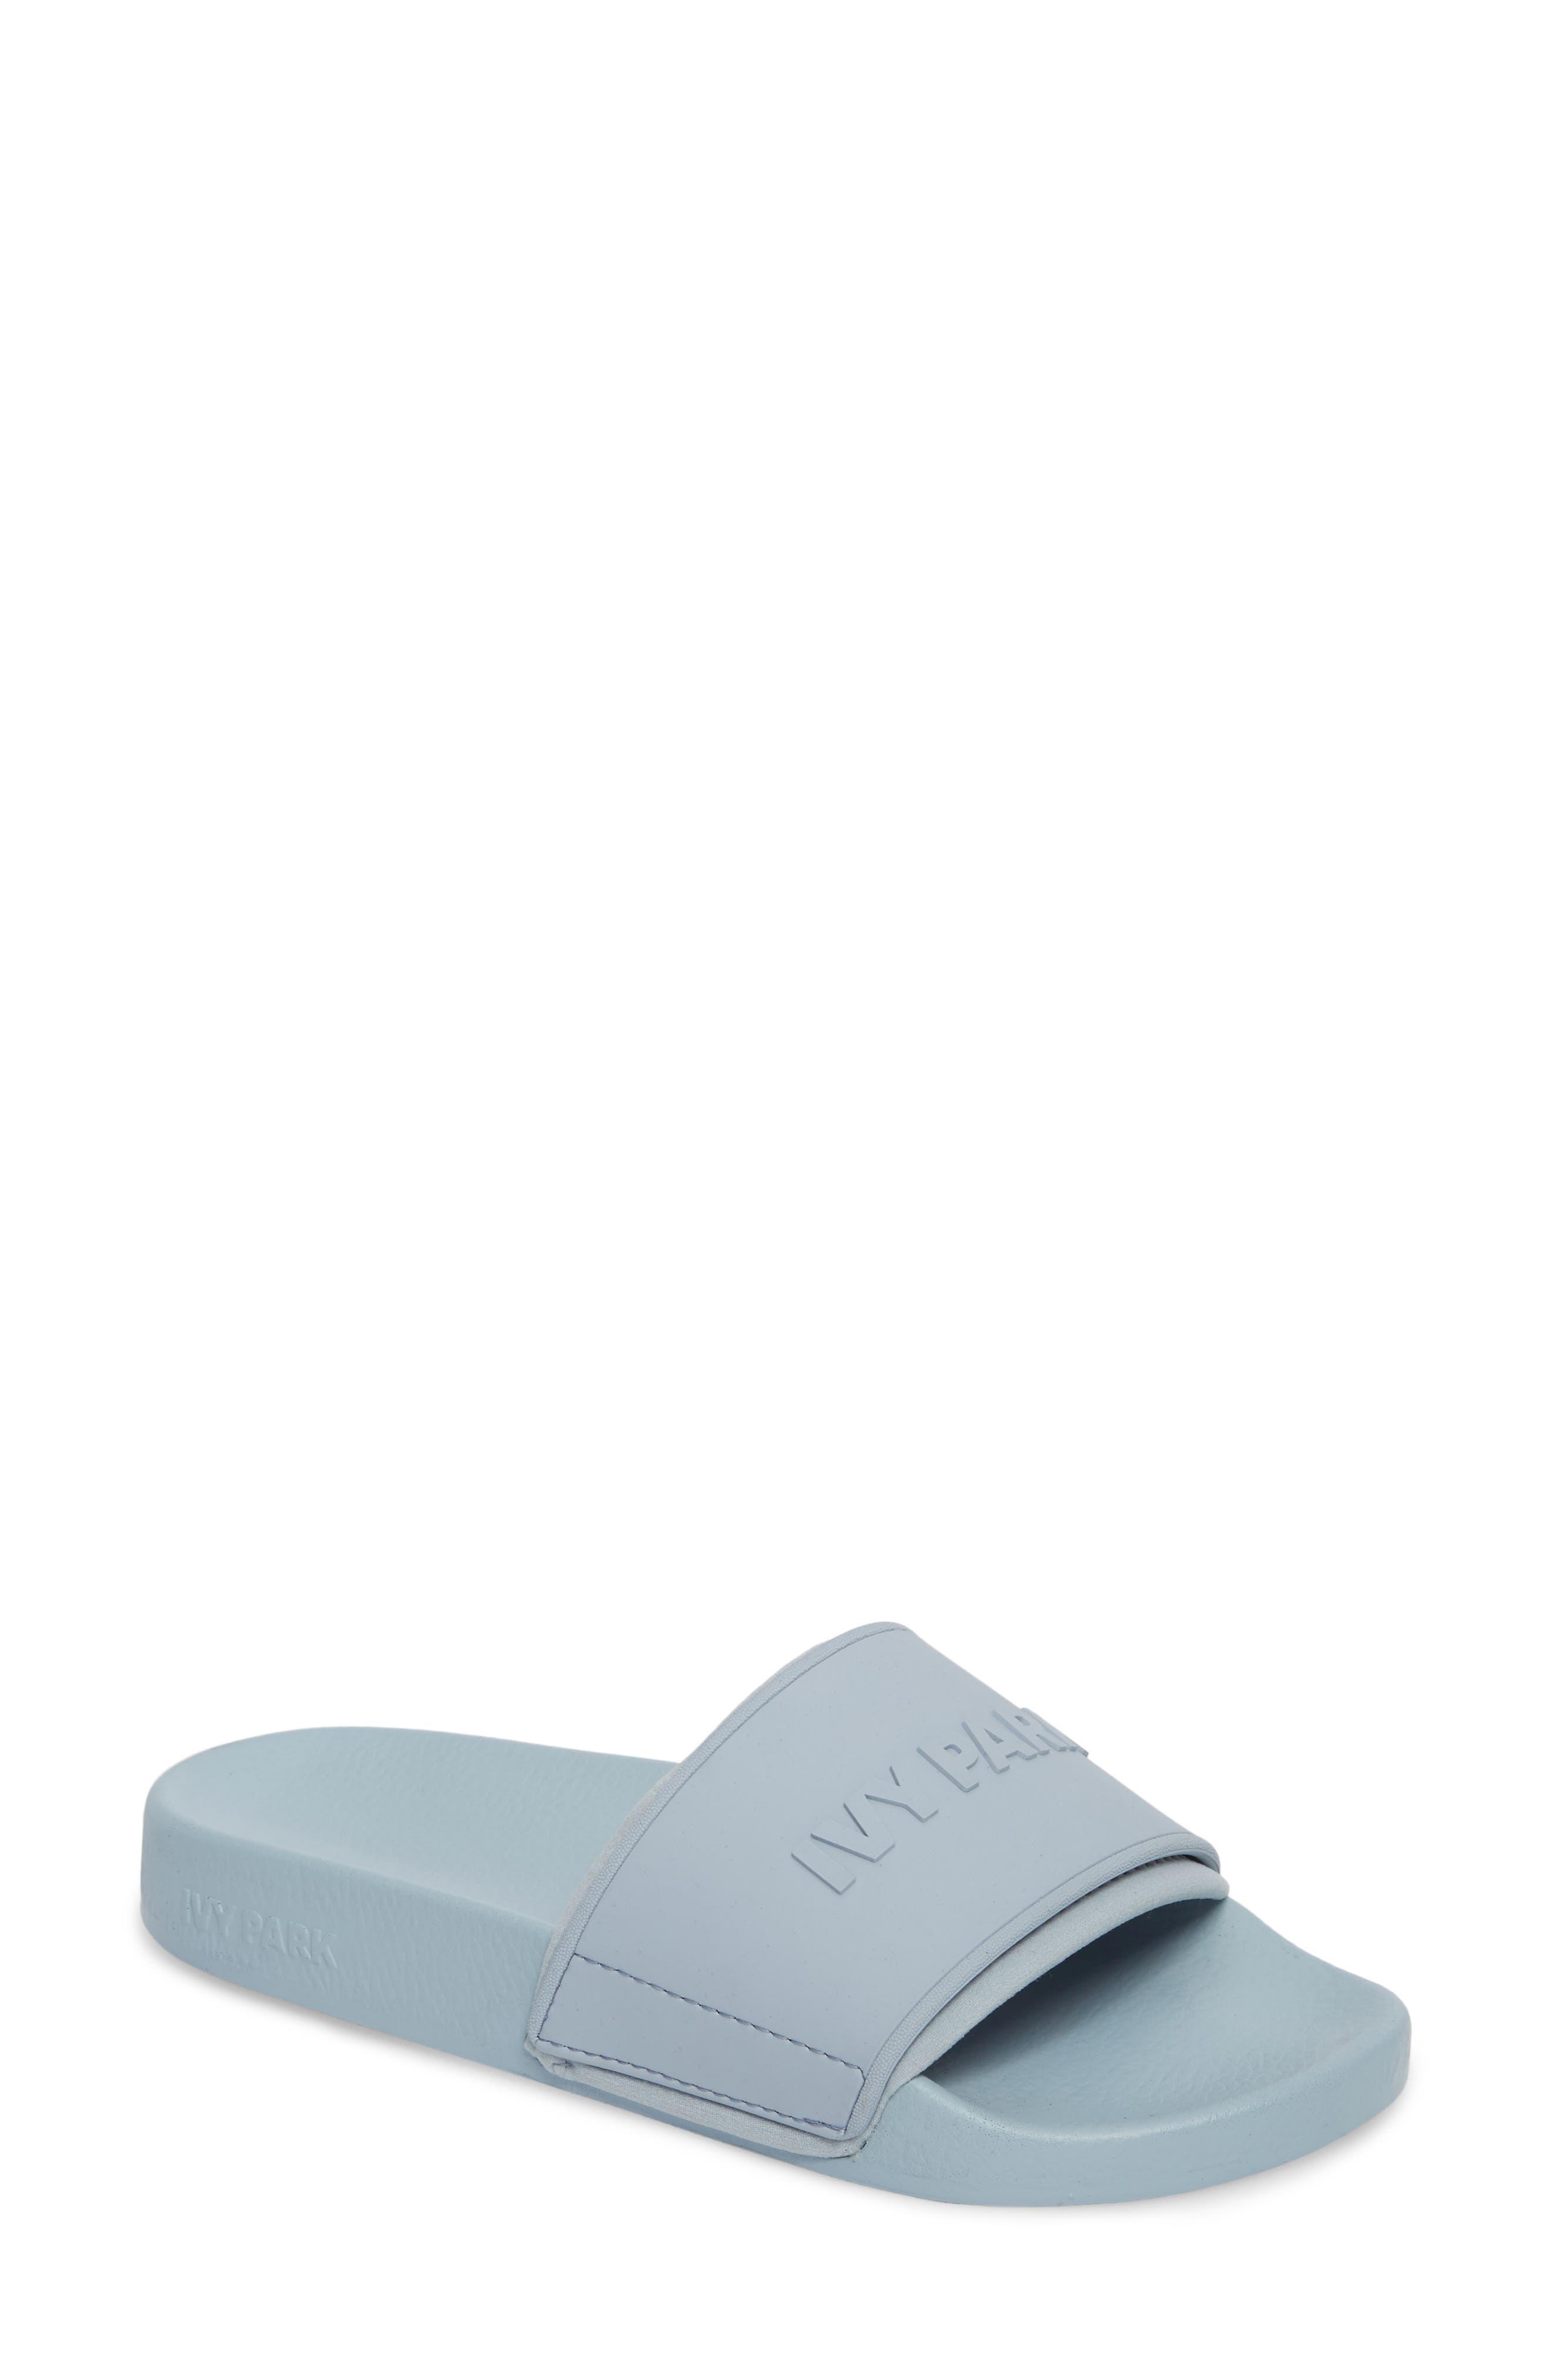 Main Image - IVY PARK® Embossed Neoprene Lined Slide Sandal (Women)